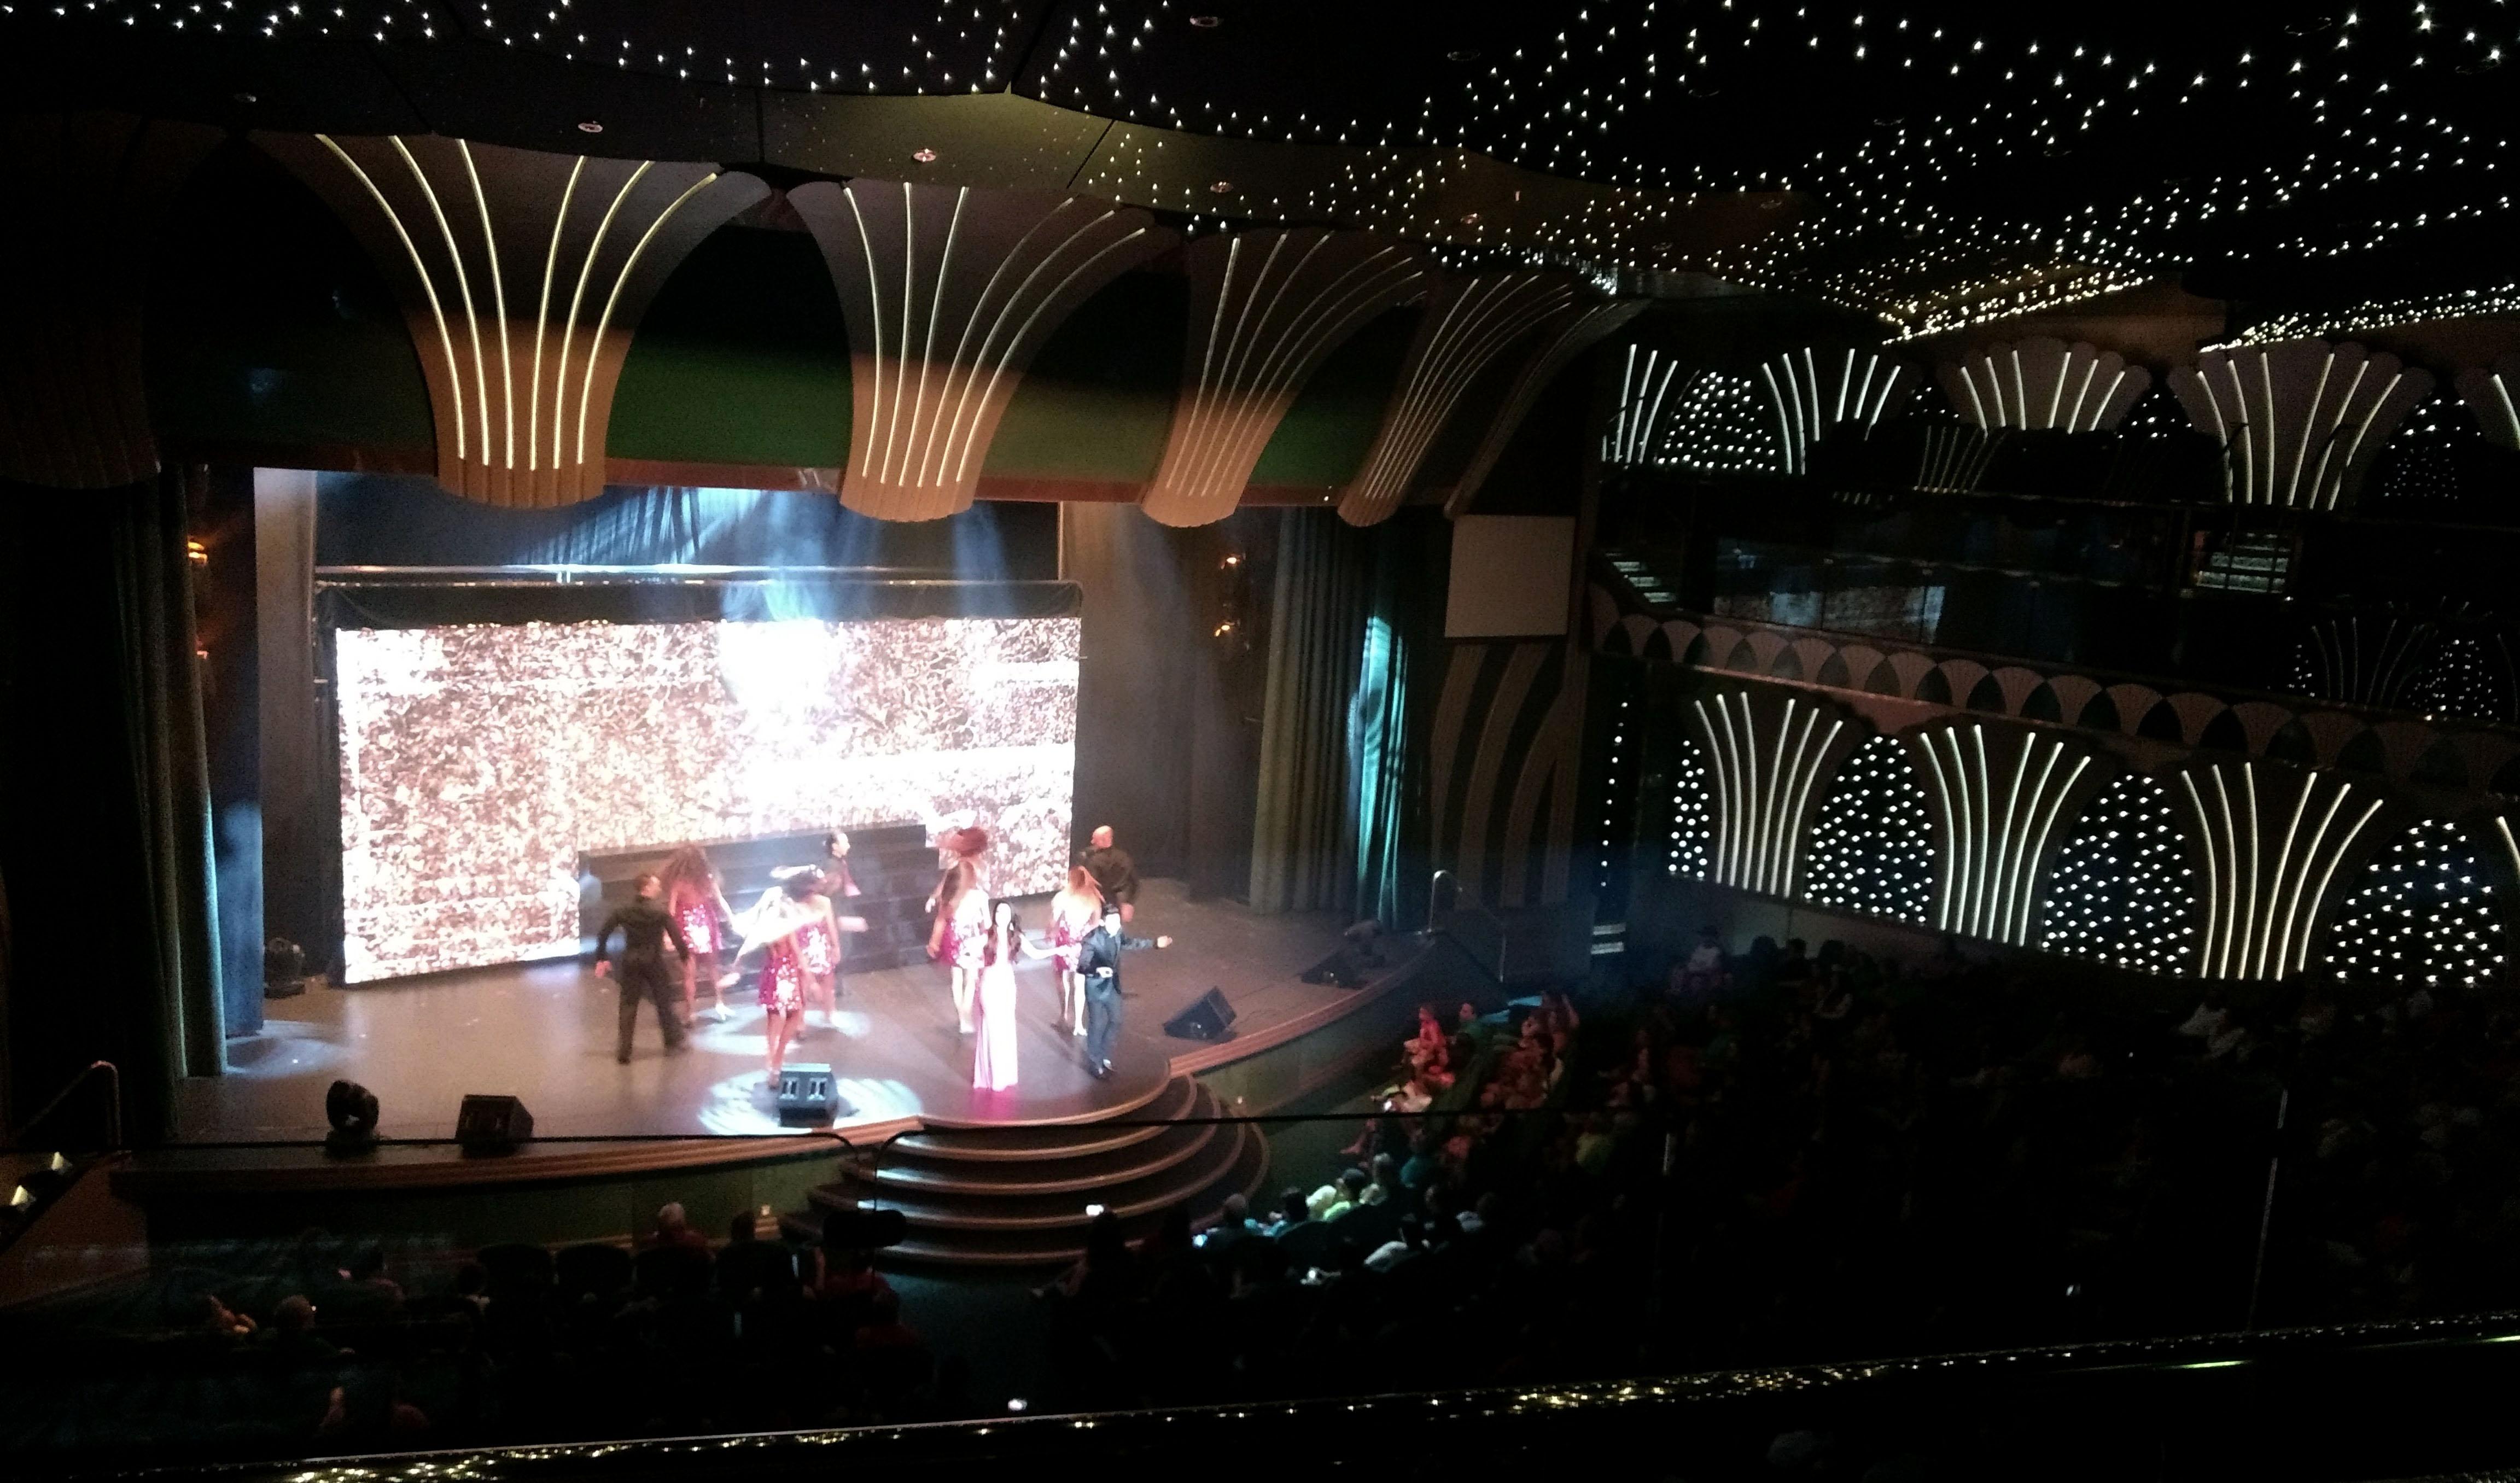 Teatro no Cruzeiro MSC - O que Fazer no Navio